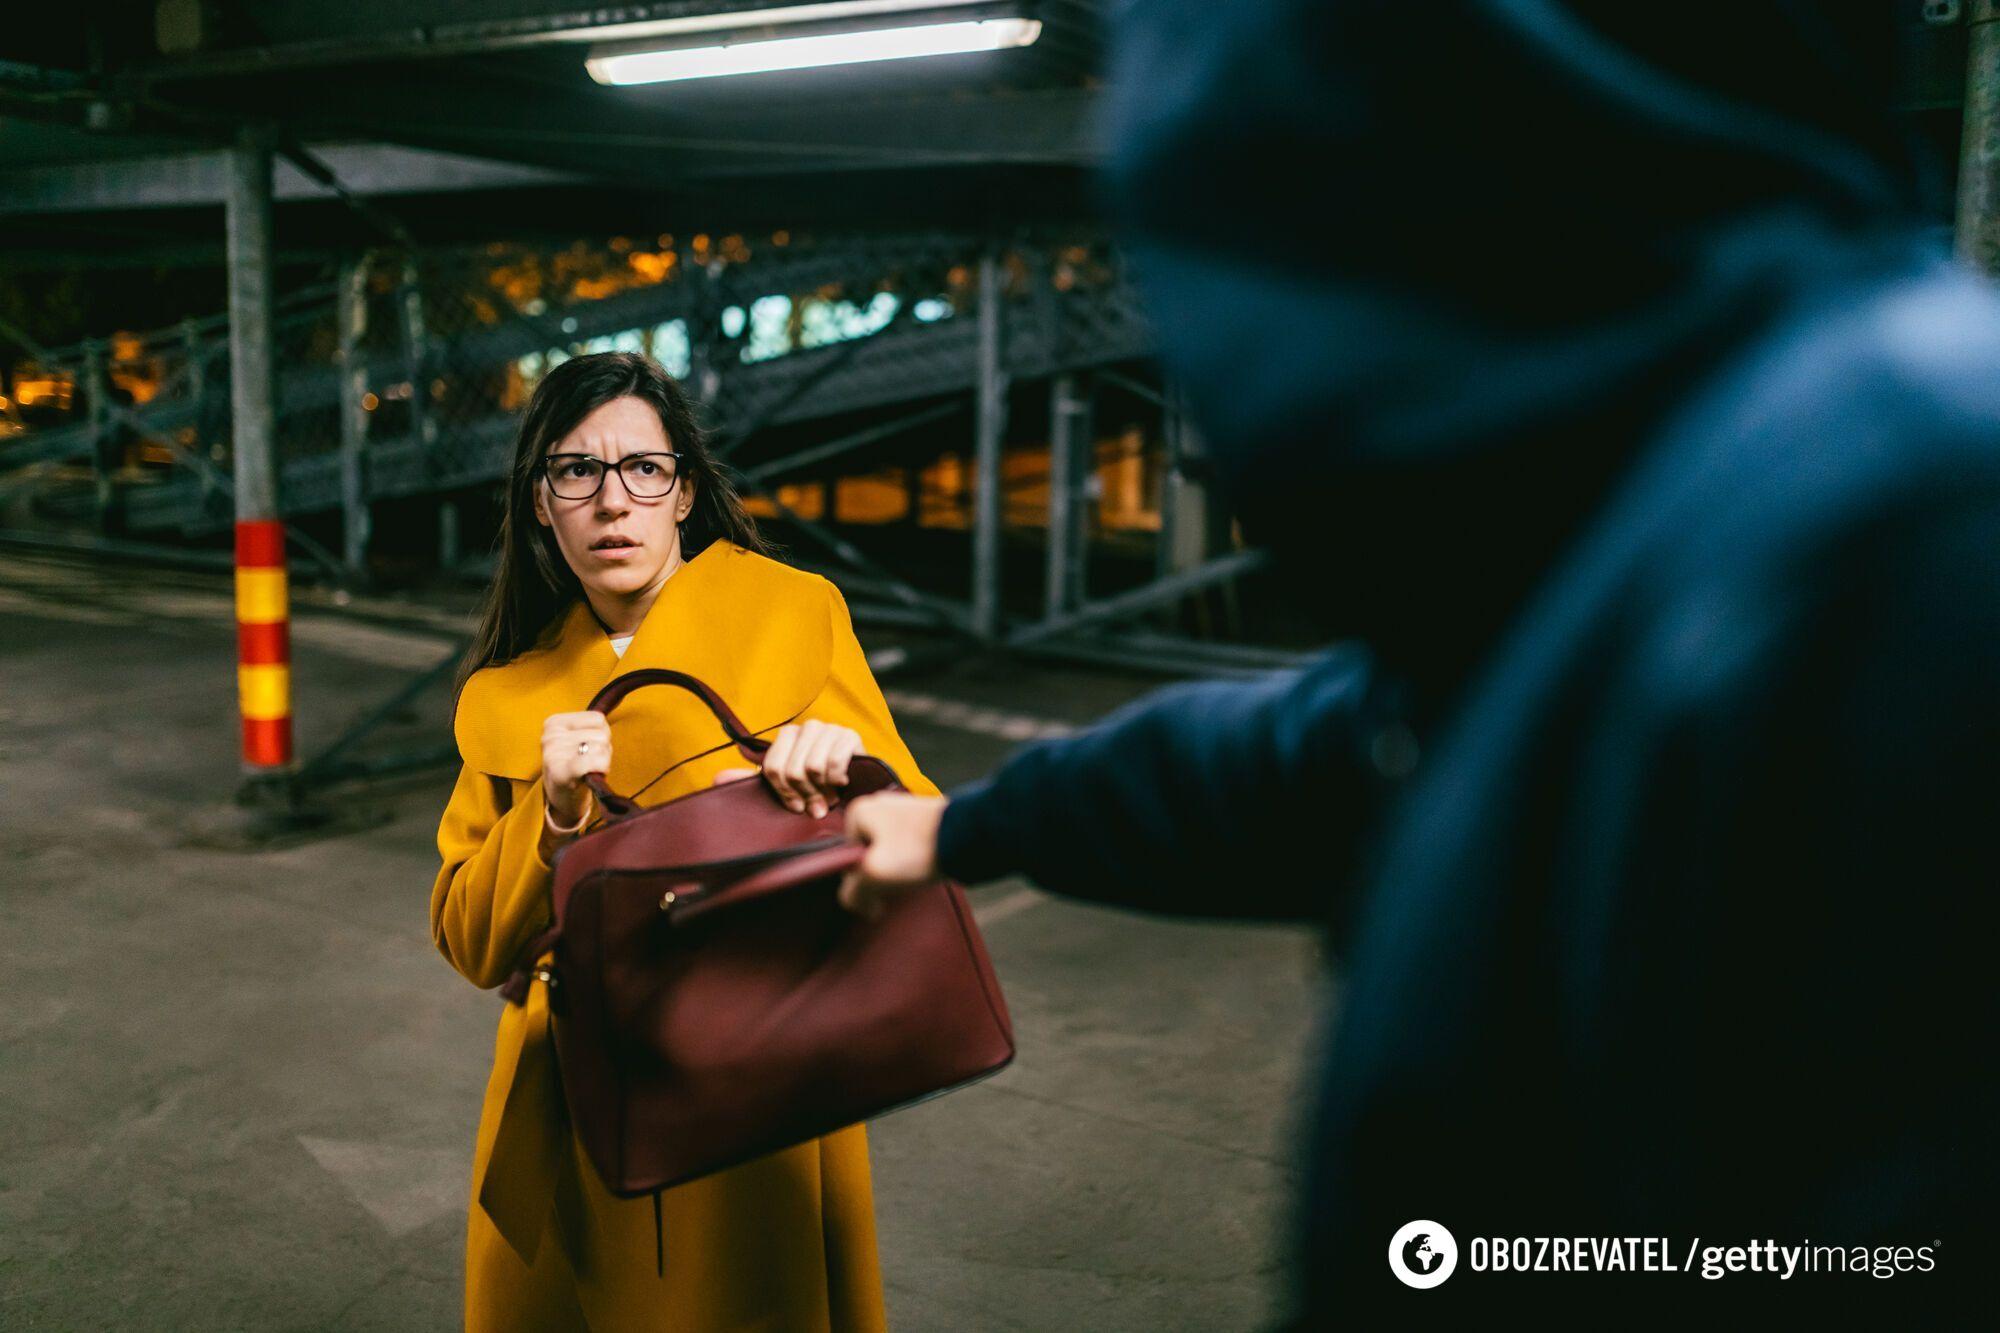 У Києві грабіжники відбирають у жінок сумки та телефони. Ілюстрація.